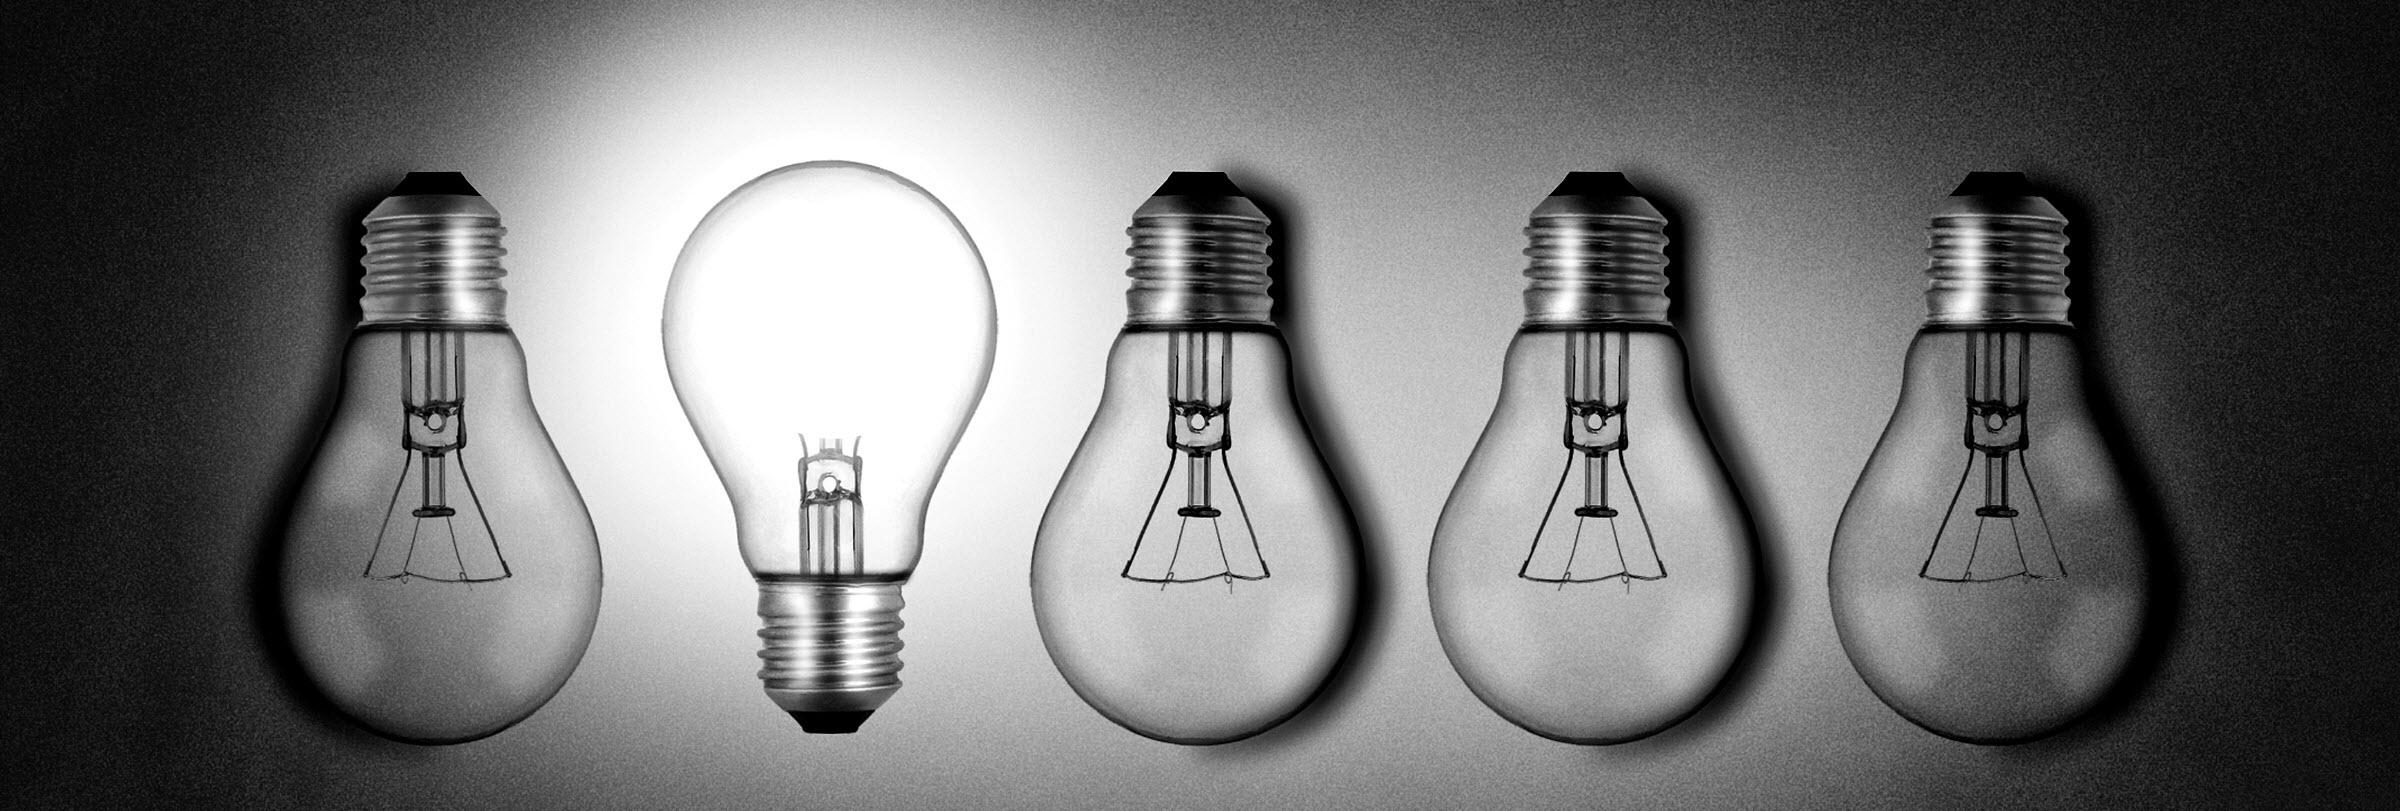 stockvault-illuminated-lightbulb-amid-dim-bulbs176767